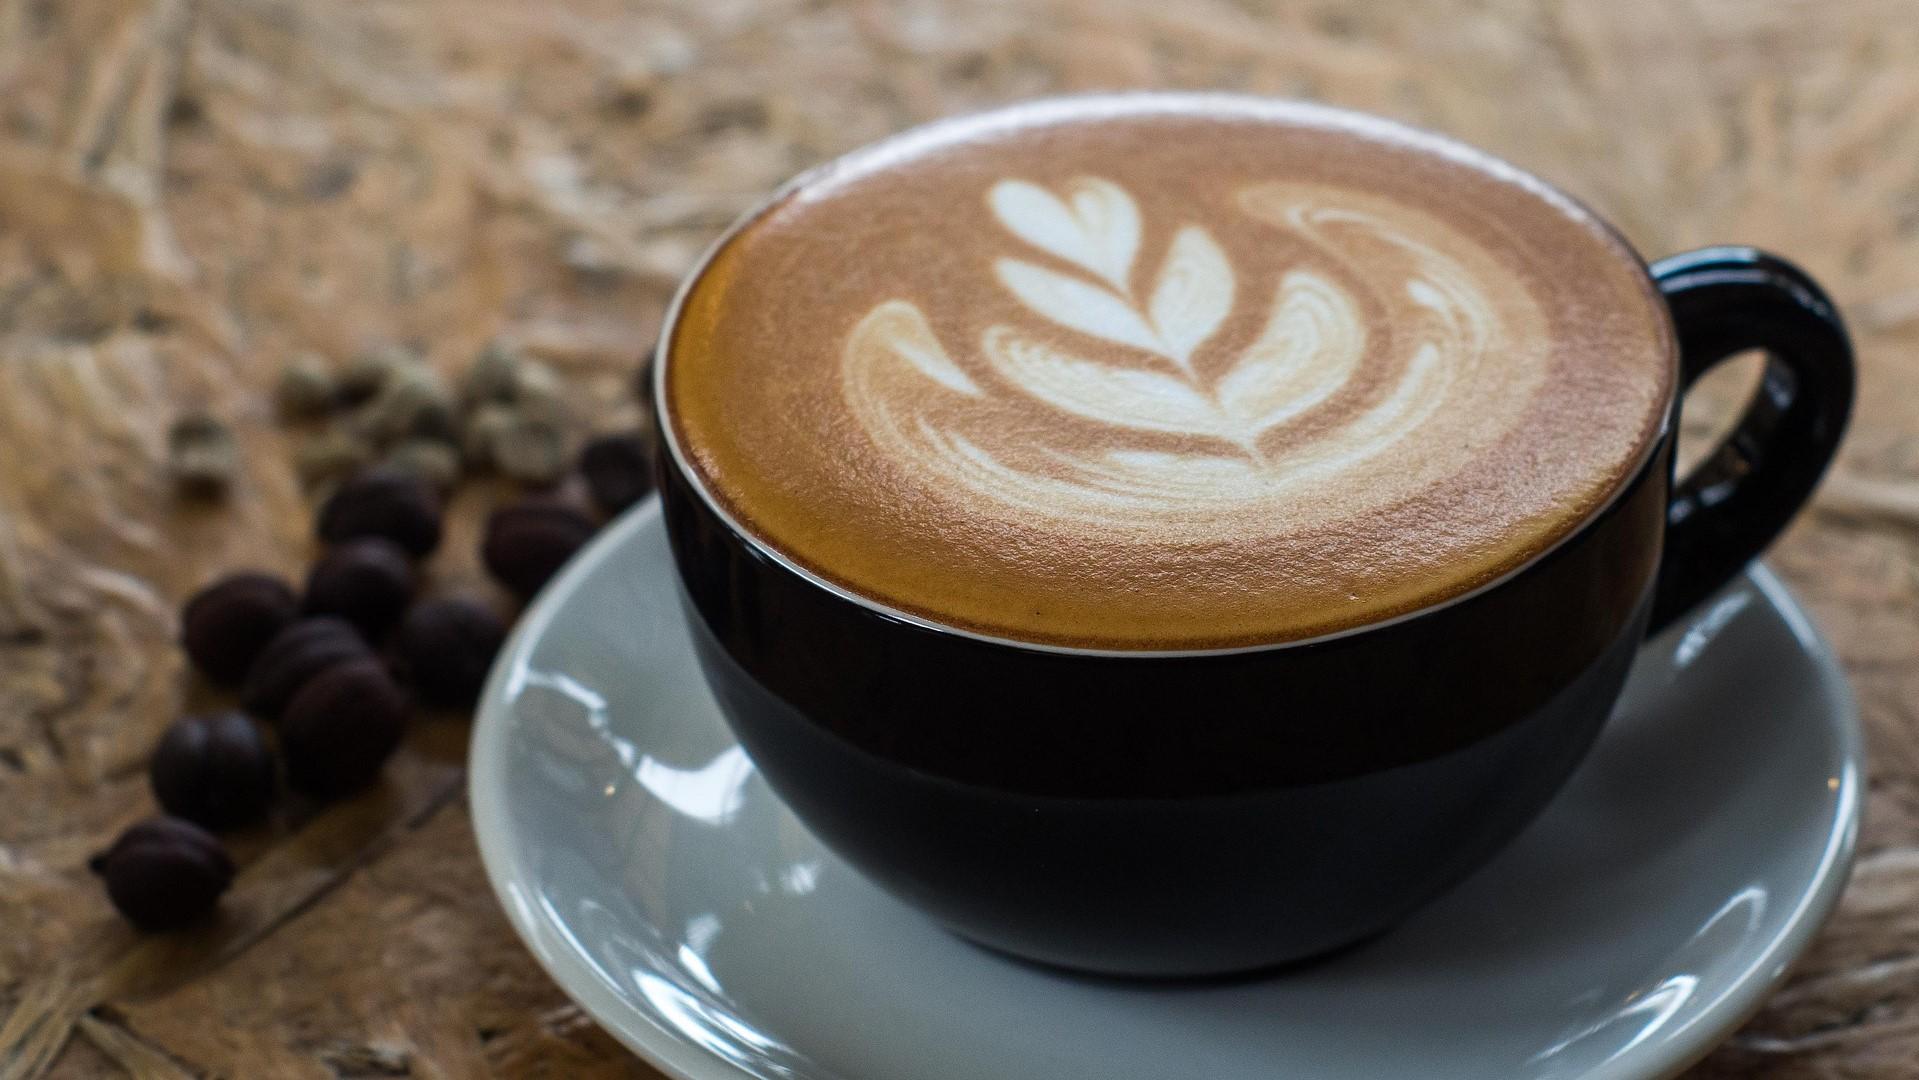 bonnFM bissfest: Kaffee